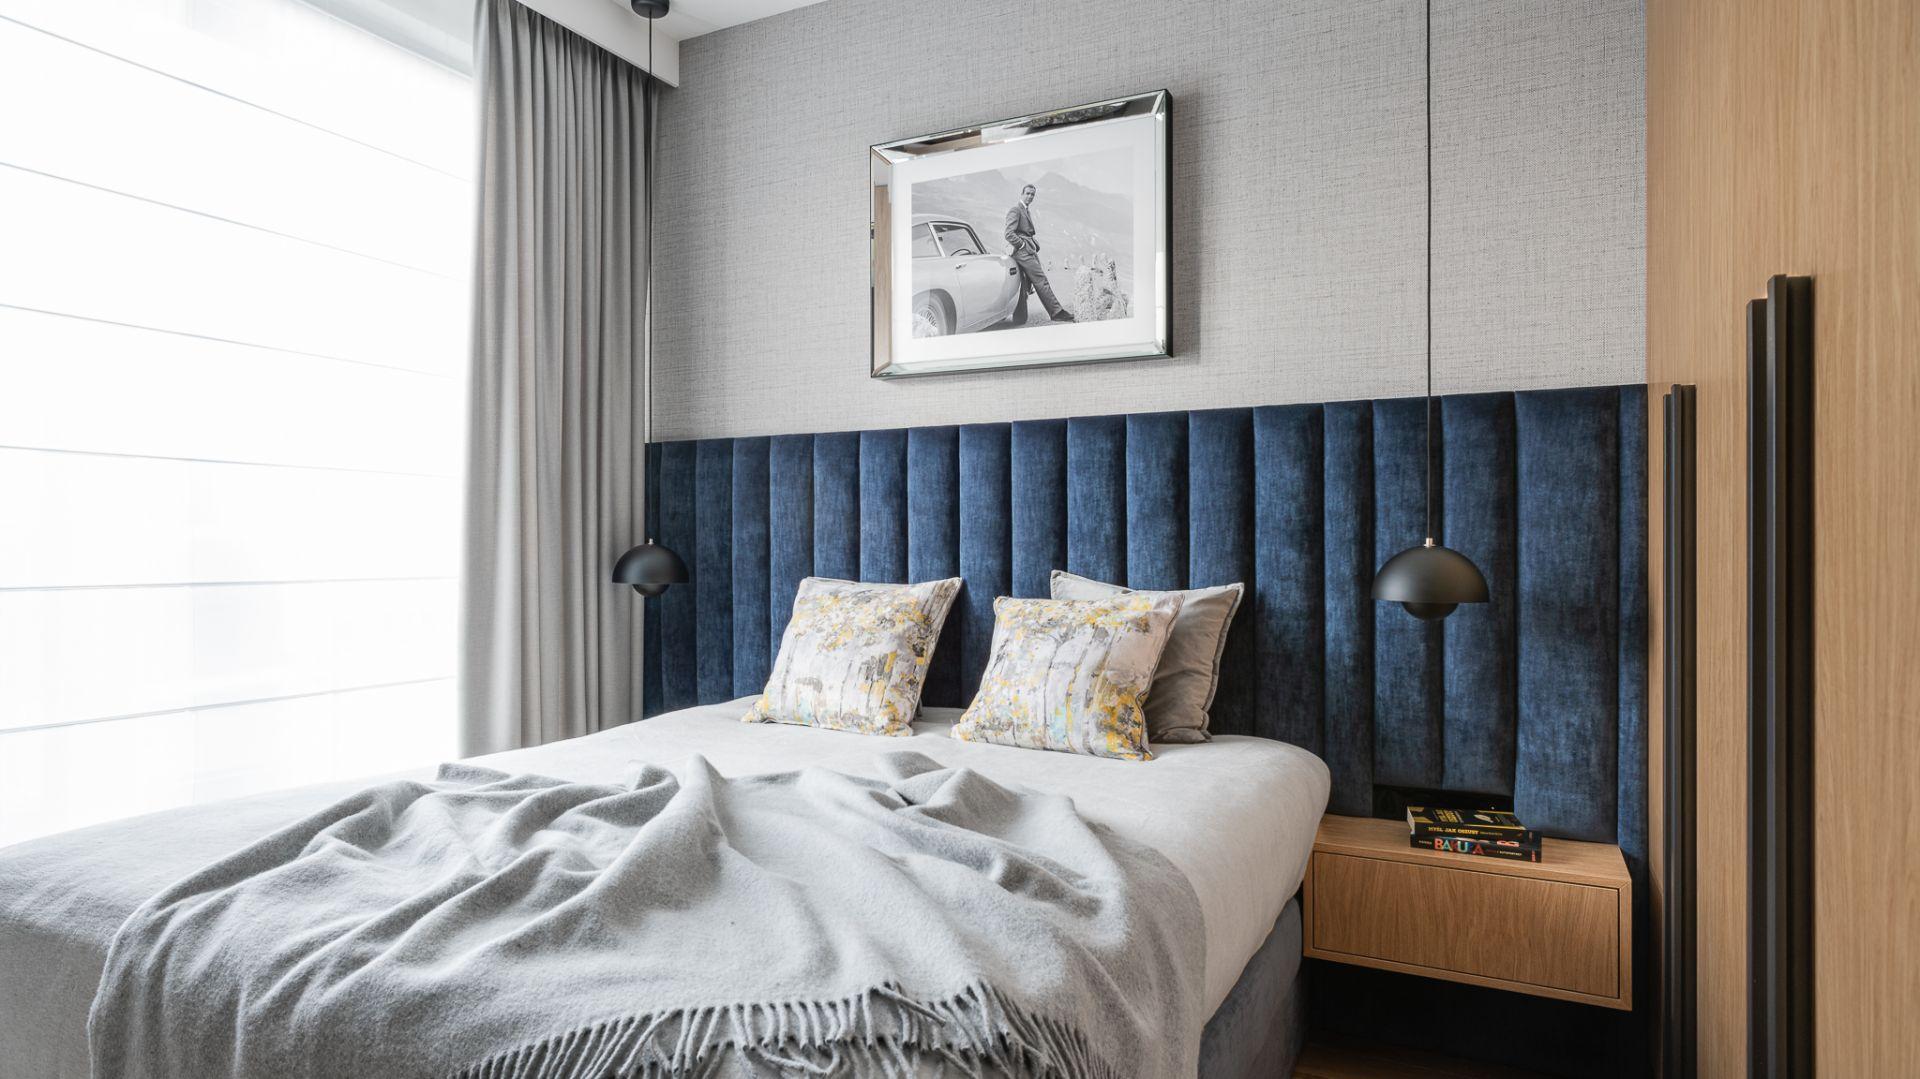 Pomysł na wykończenie ściany za łóżkiem w sypialni. Projekt: Joanna Kozłowska, Anna Maria Sokołowska. Fot. Fotomohito